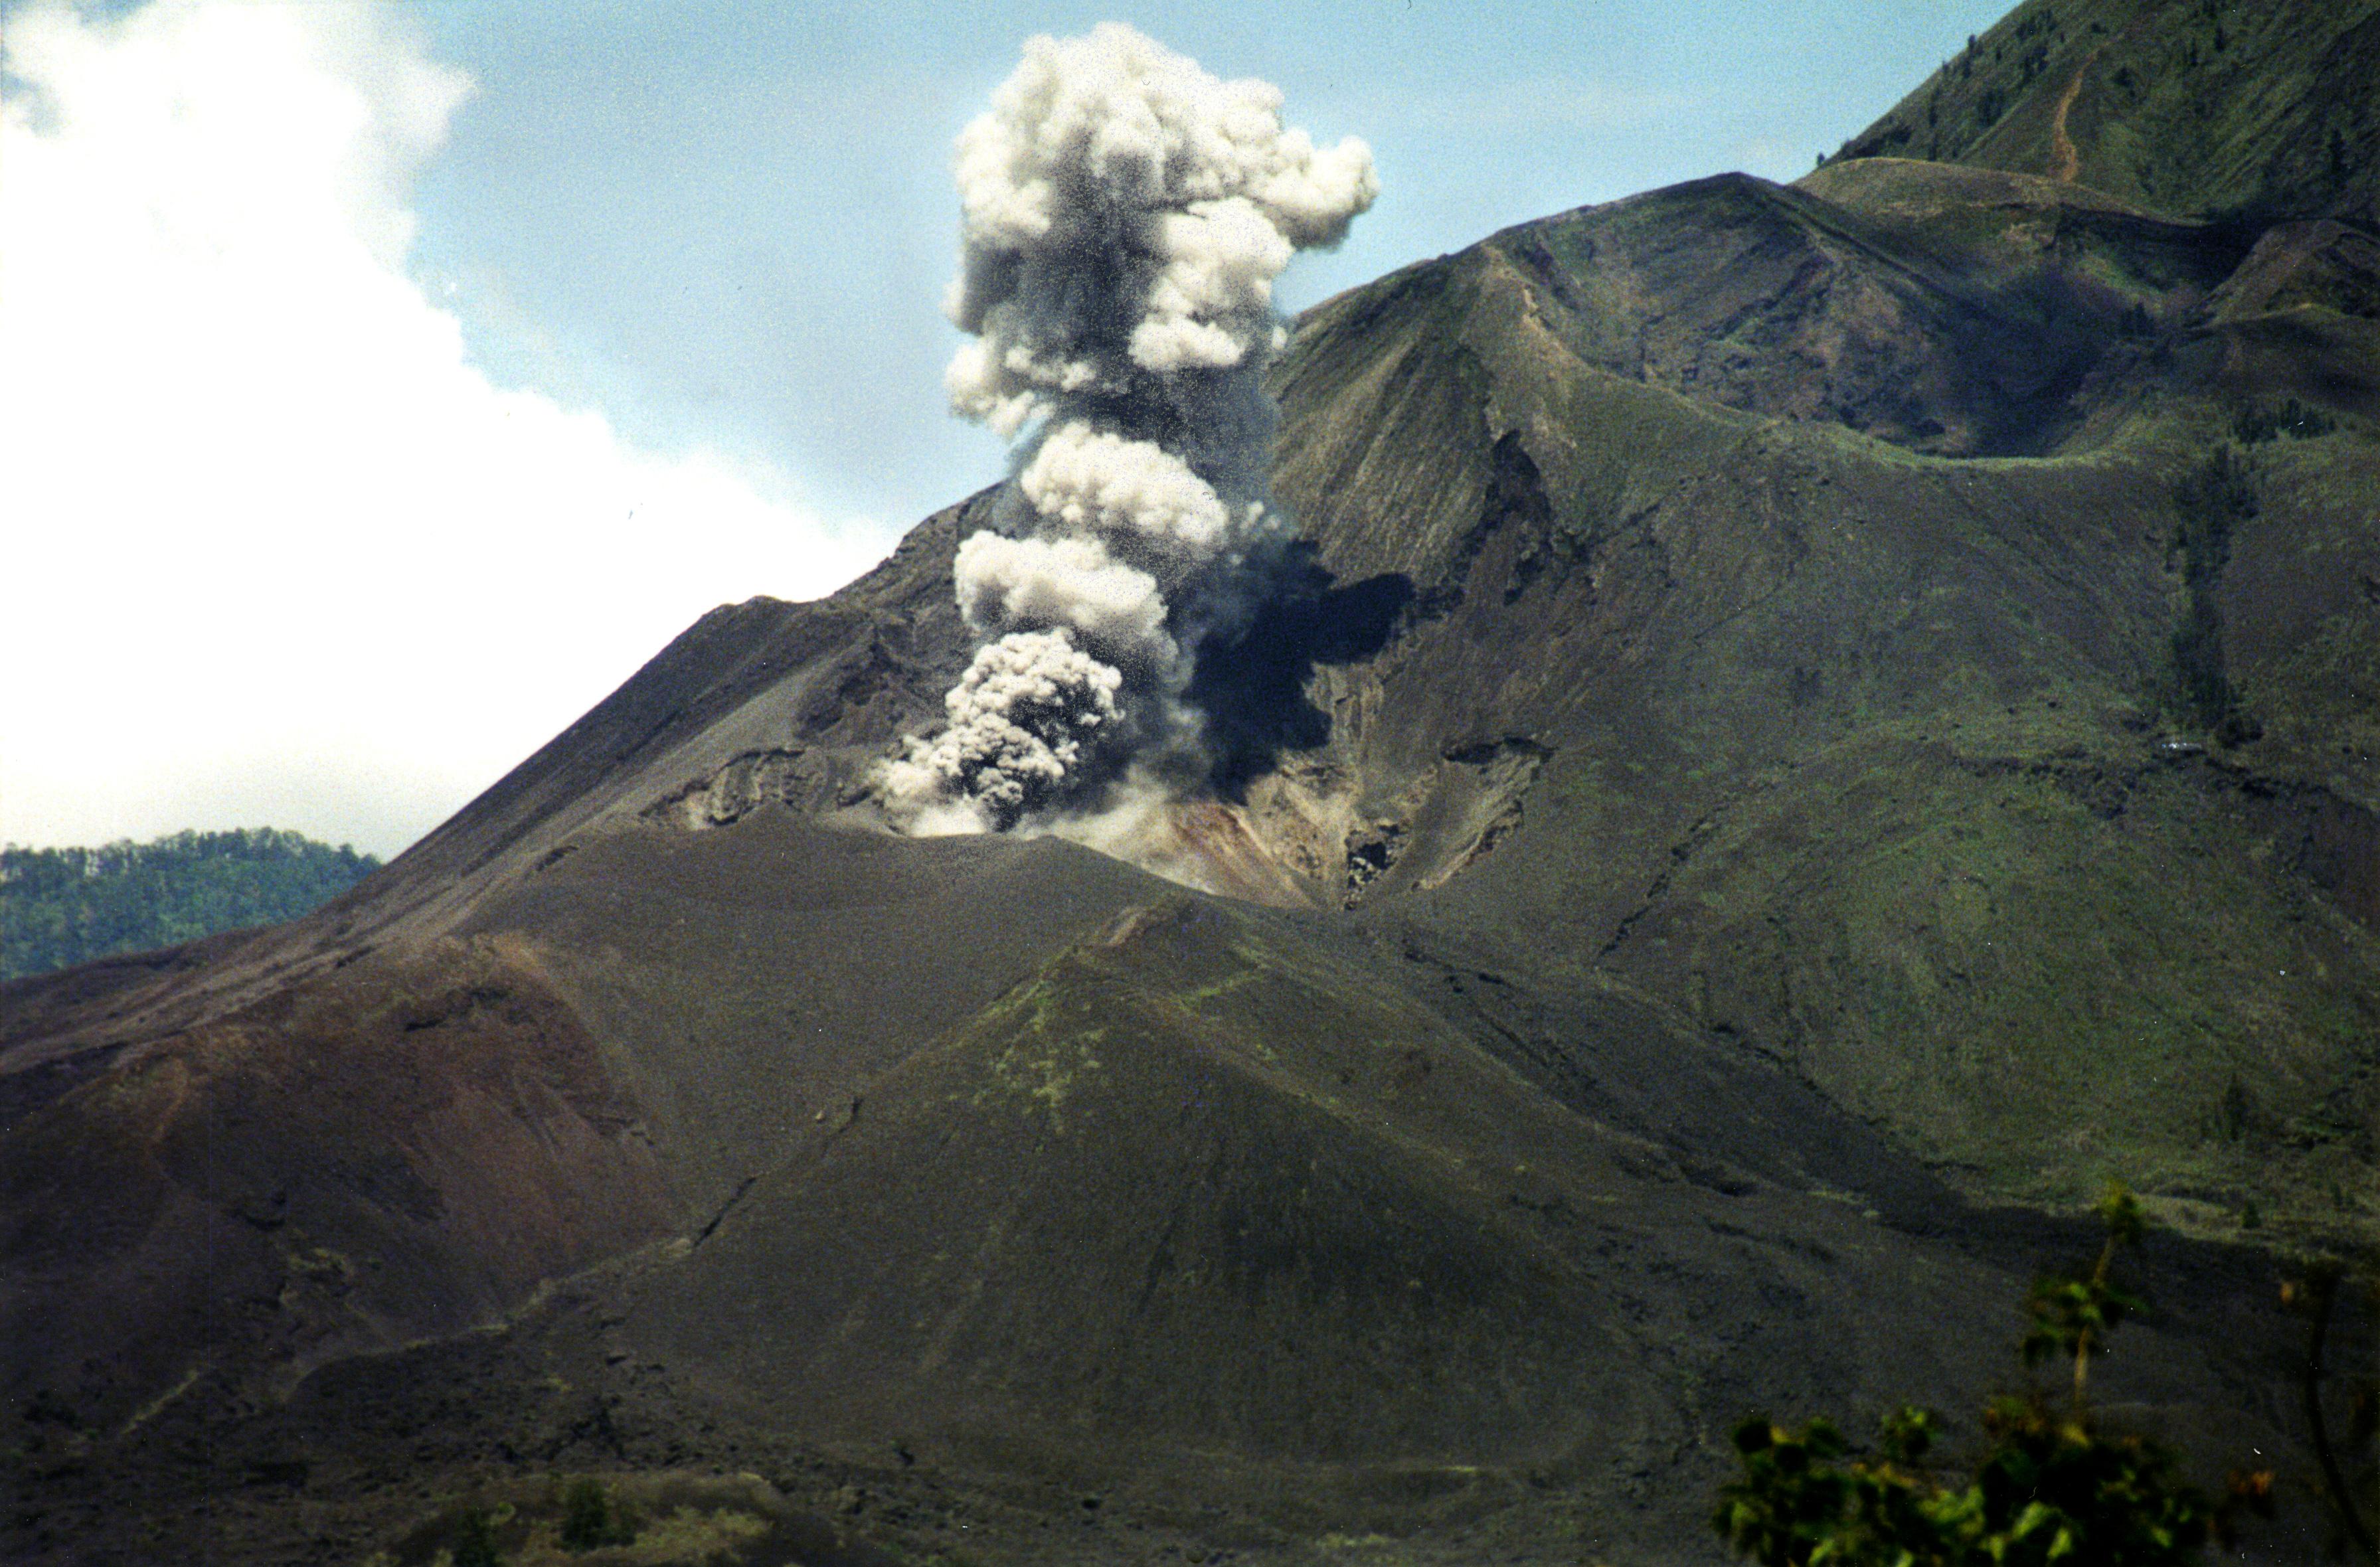 Volcanoes Bali Indonesia Volcano Erupting in Bali